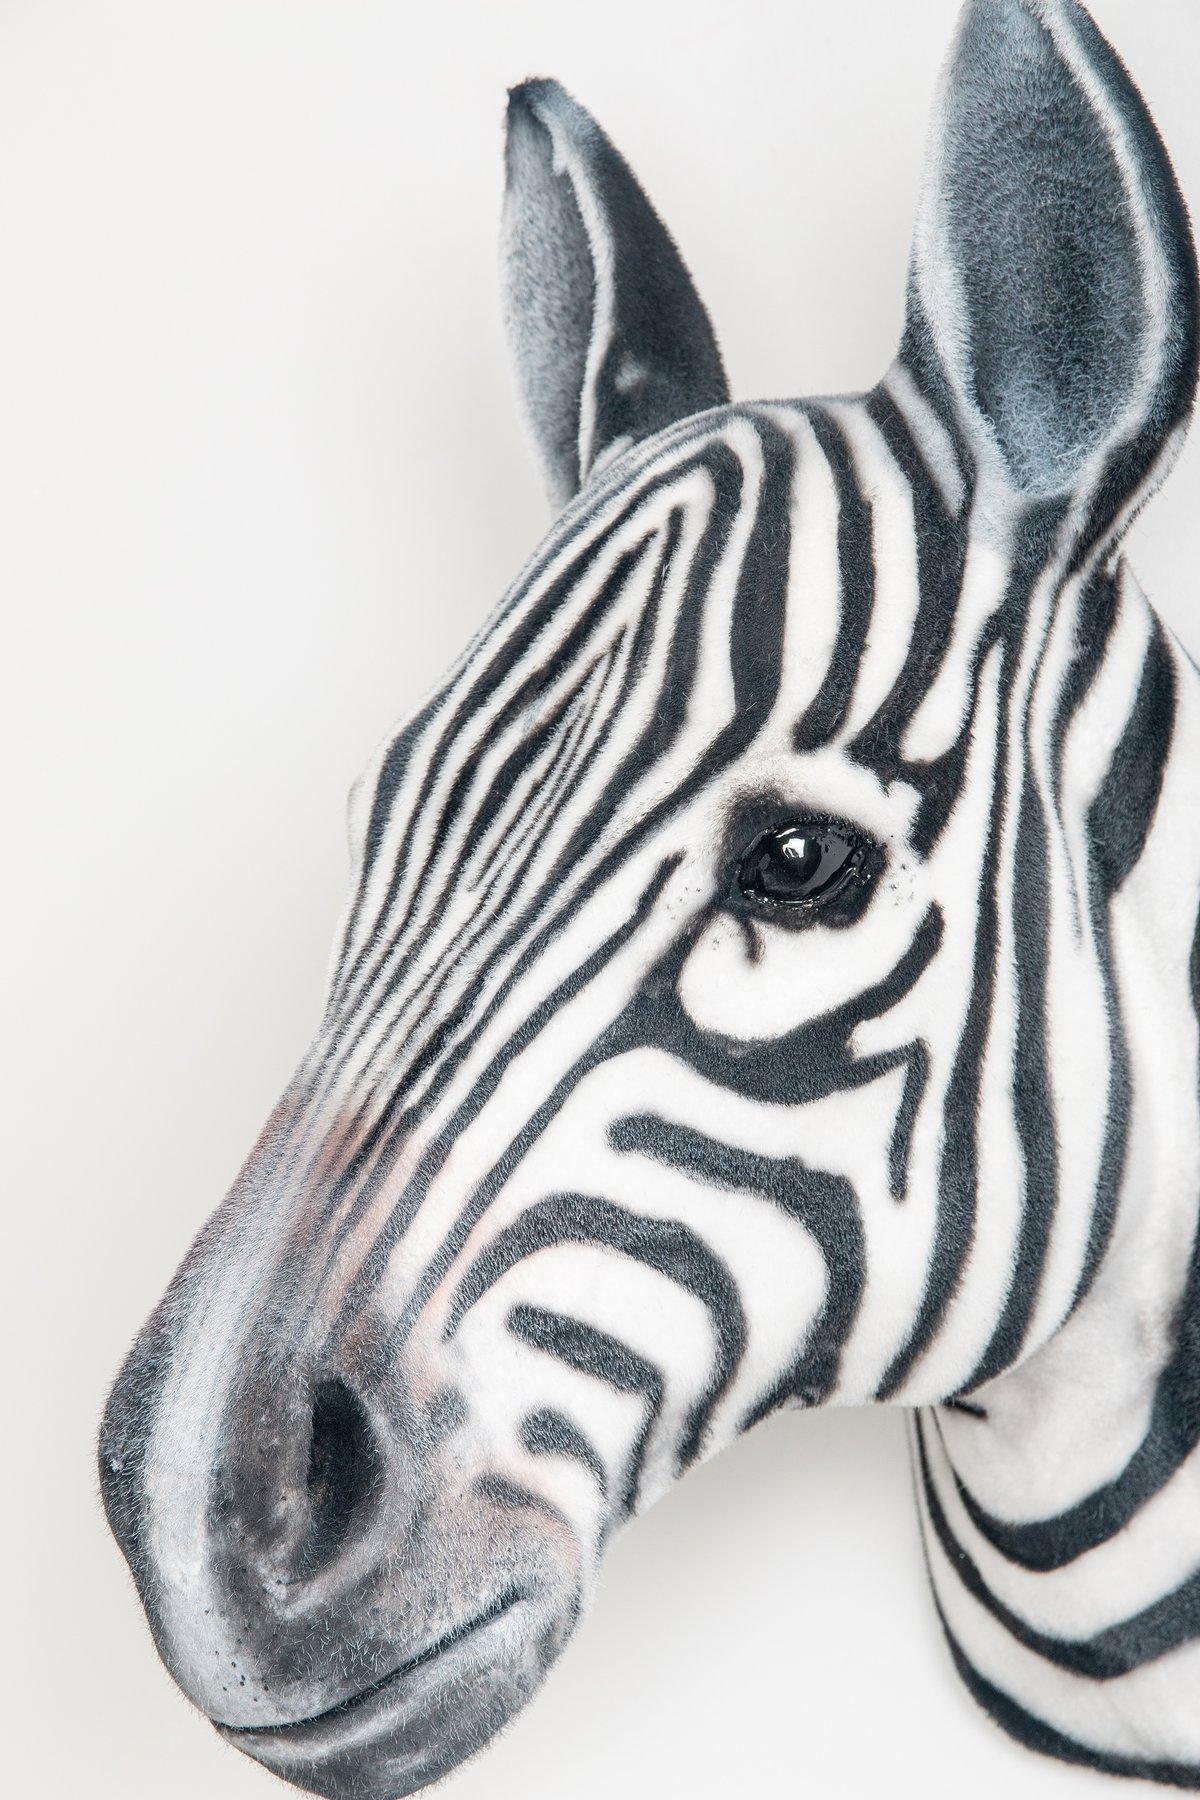 Image of Zebra Sculpture